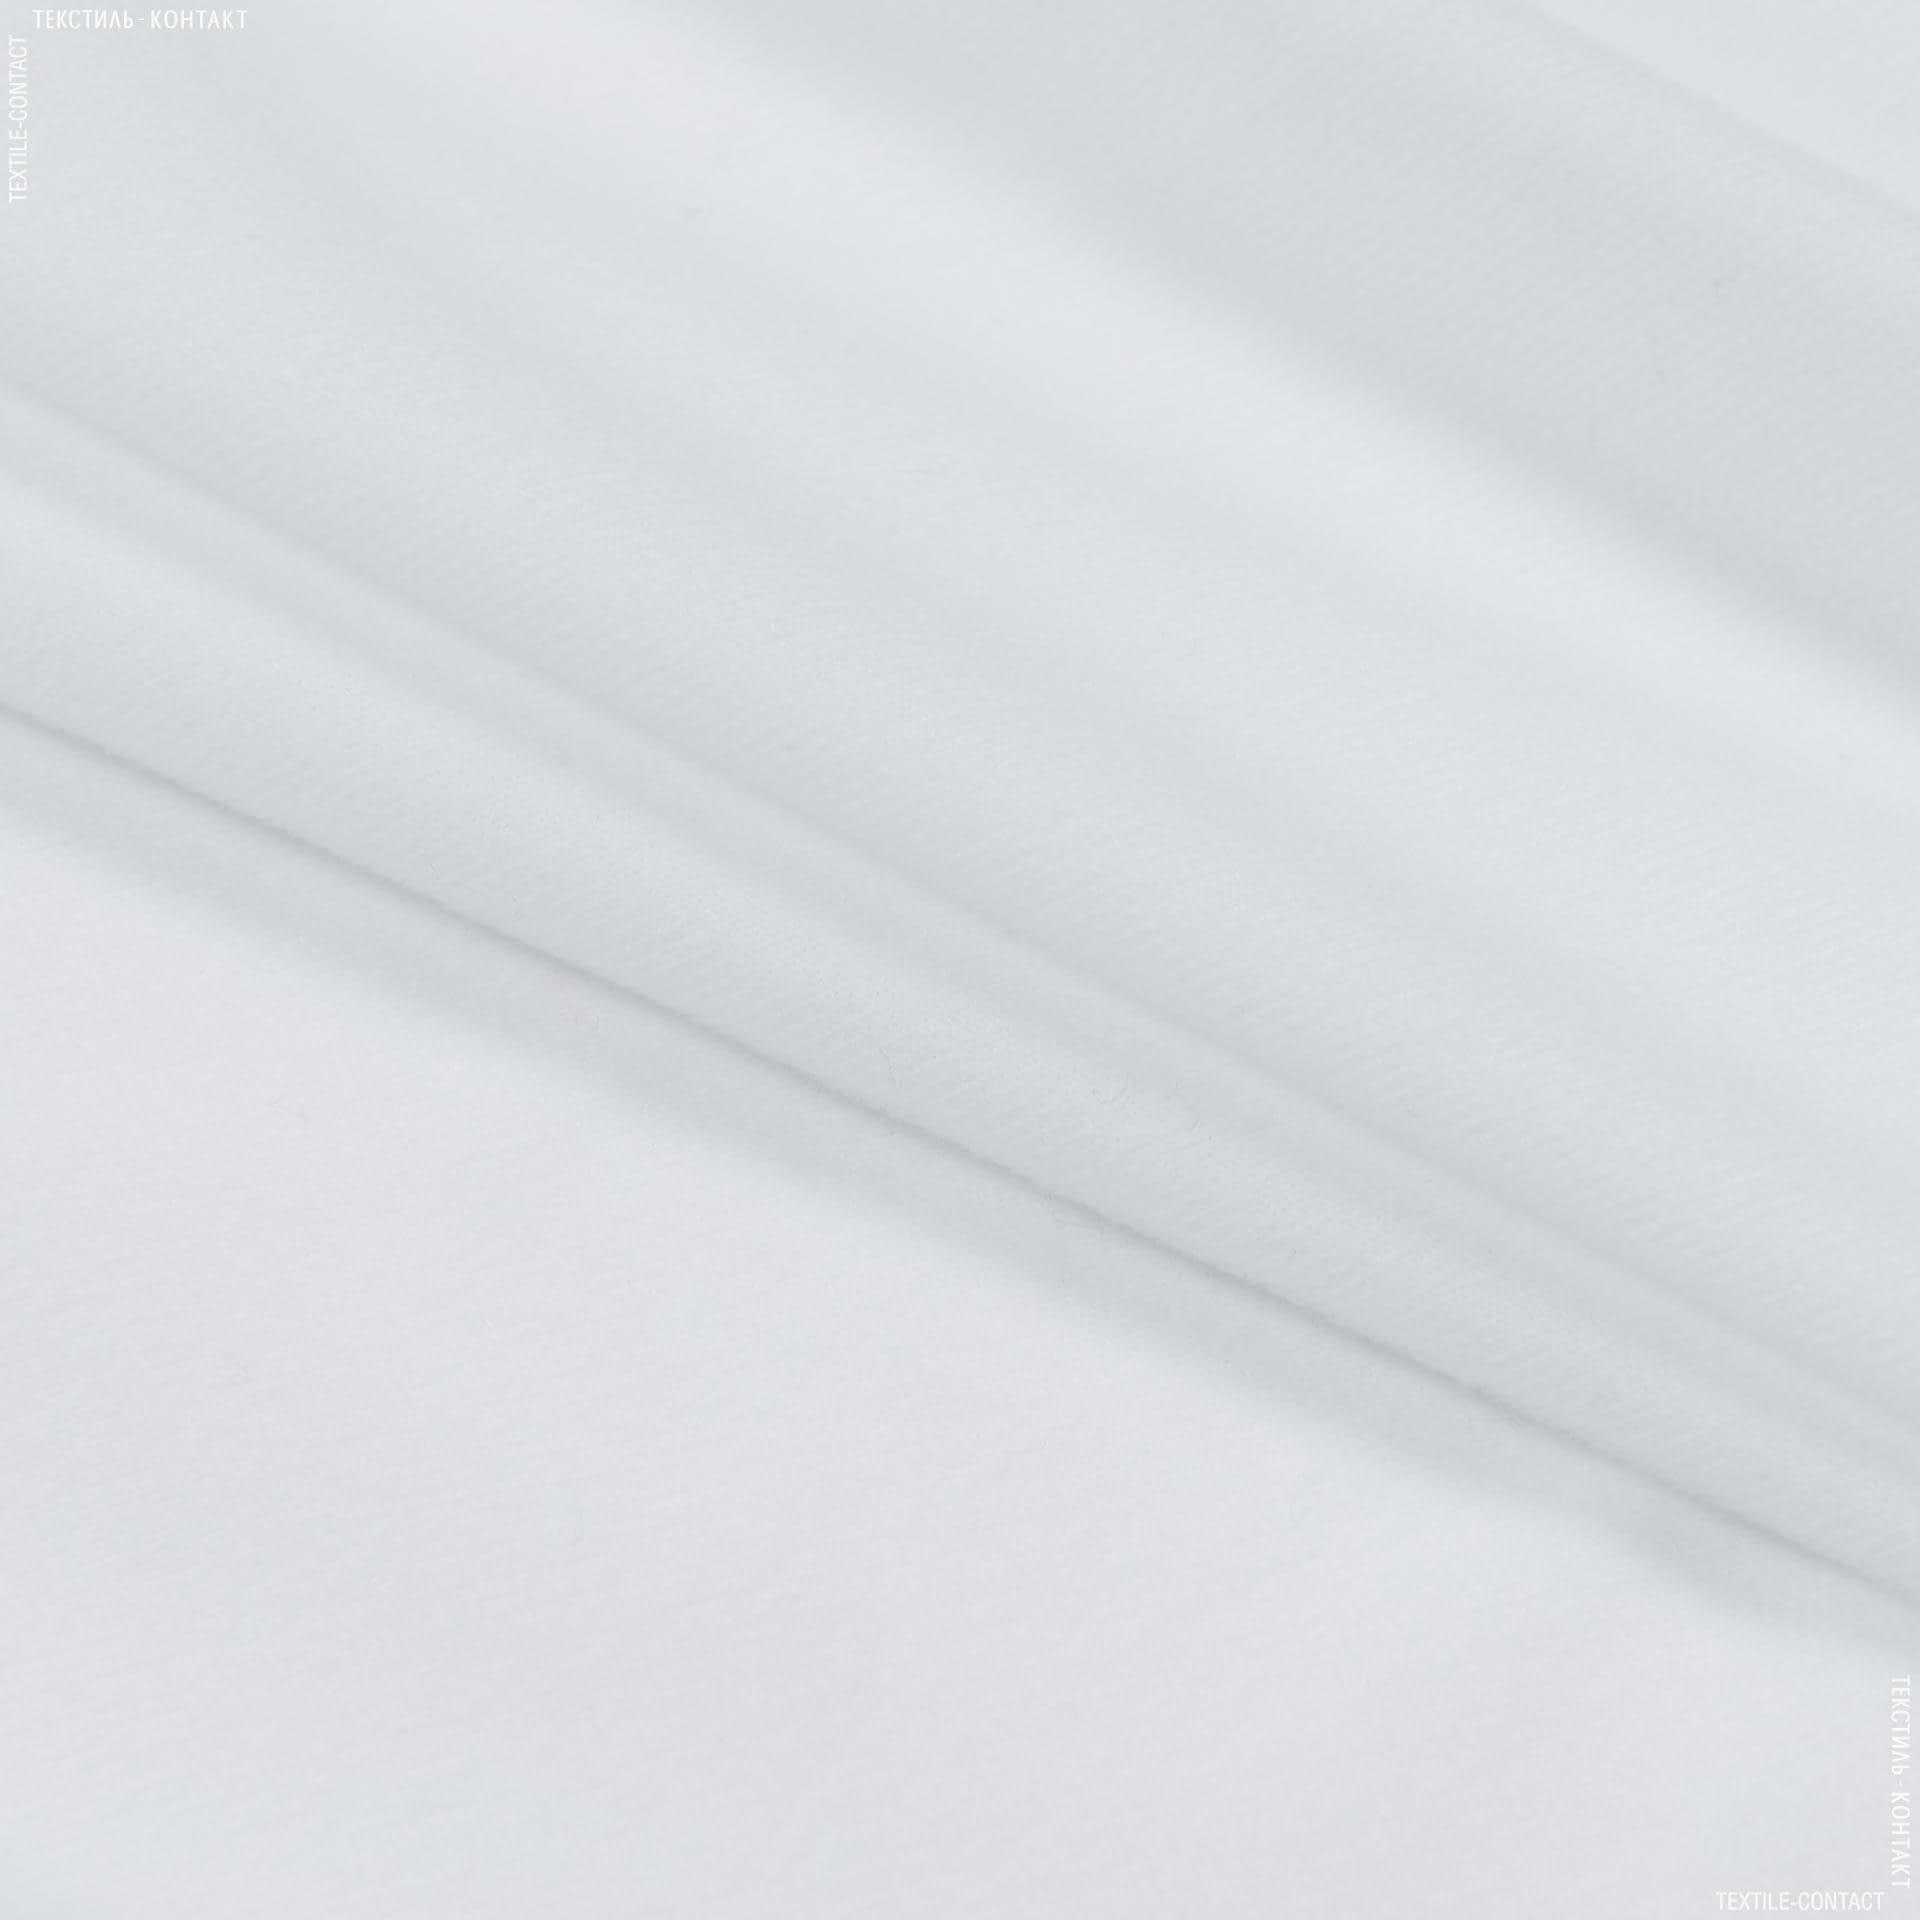 Тканини для м'яких іграшок - Трикотаж-липучка білий